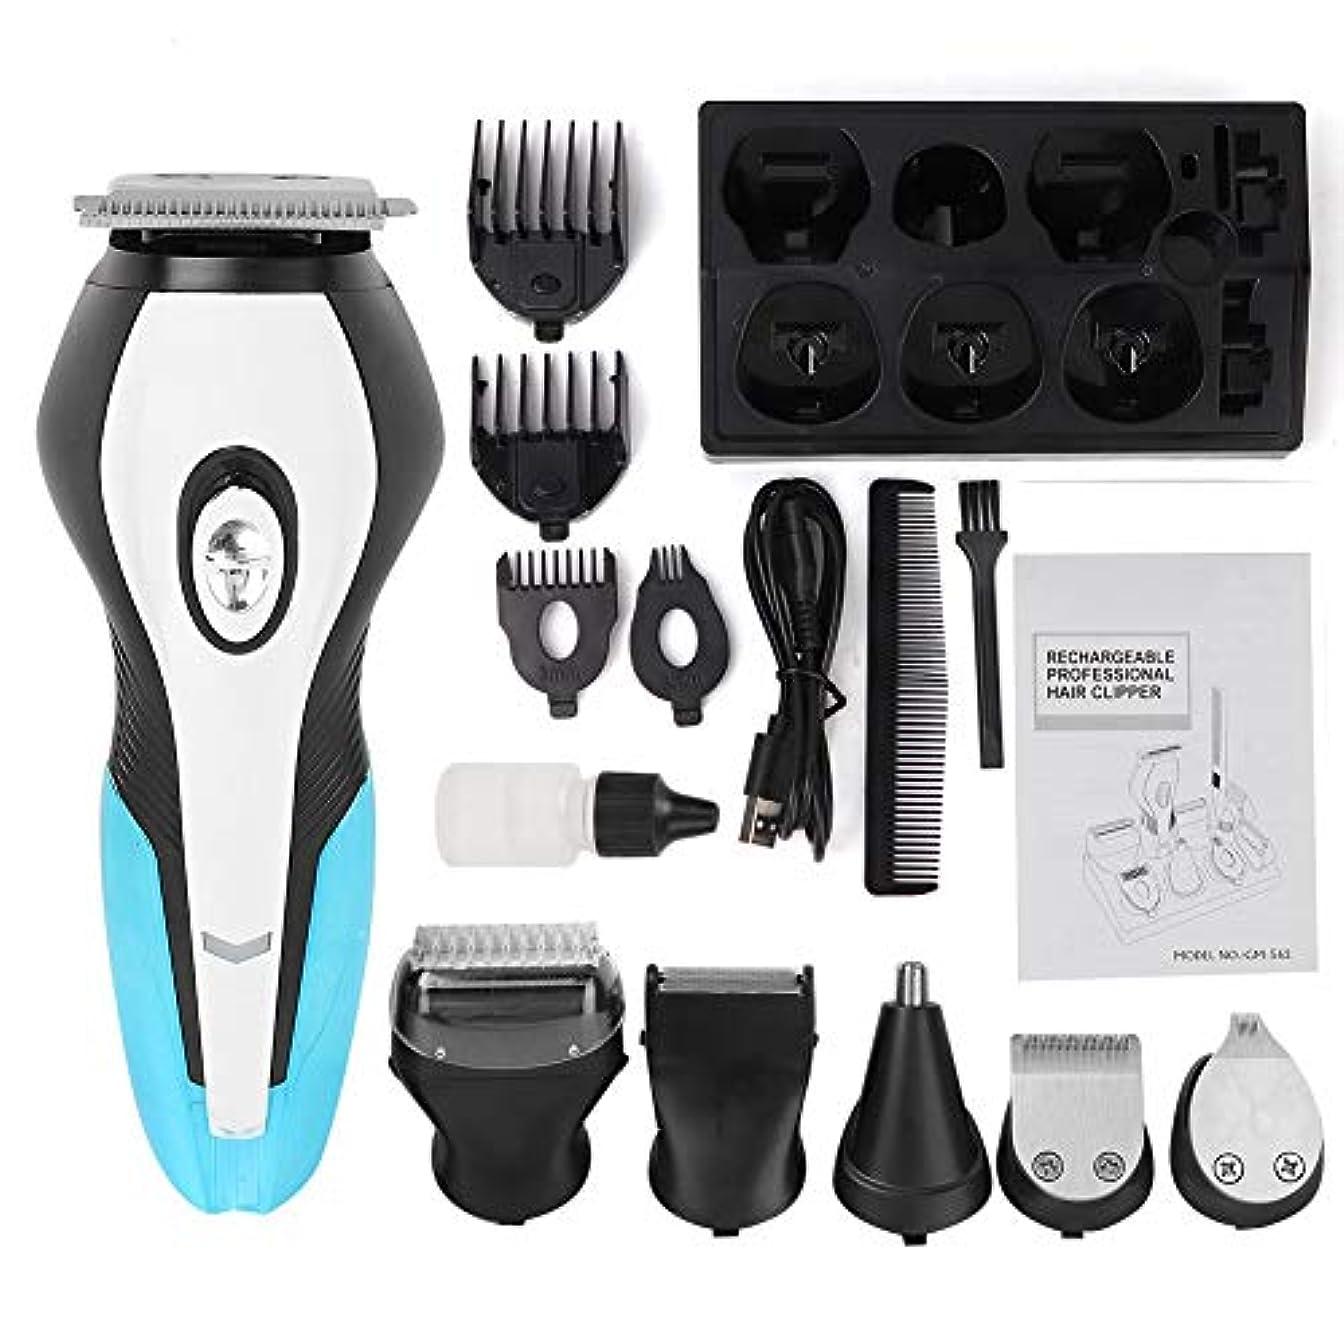 電気かみそり、多機能ひげトリマー、ヘアスタイリング鼻毛除去機クリーニングツール